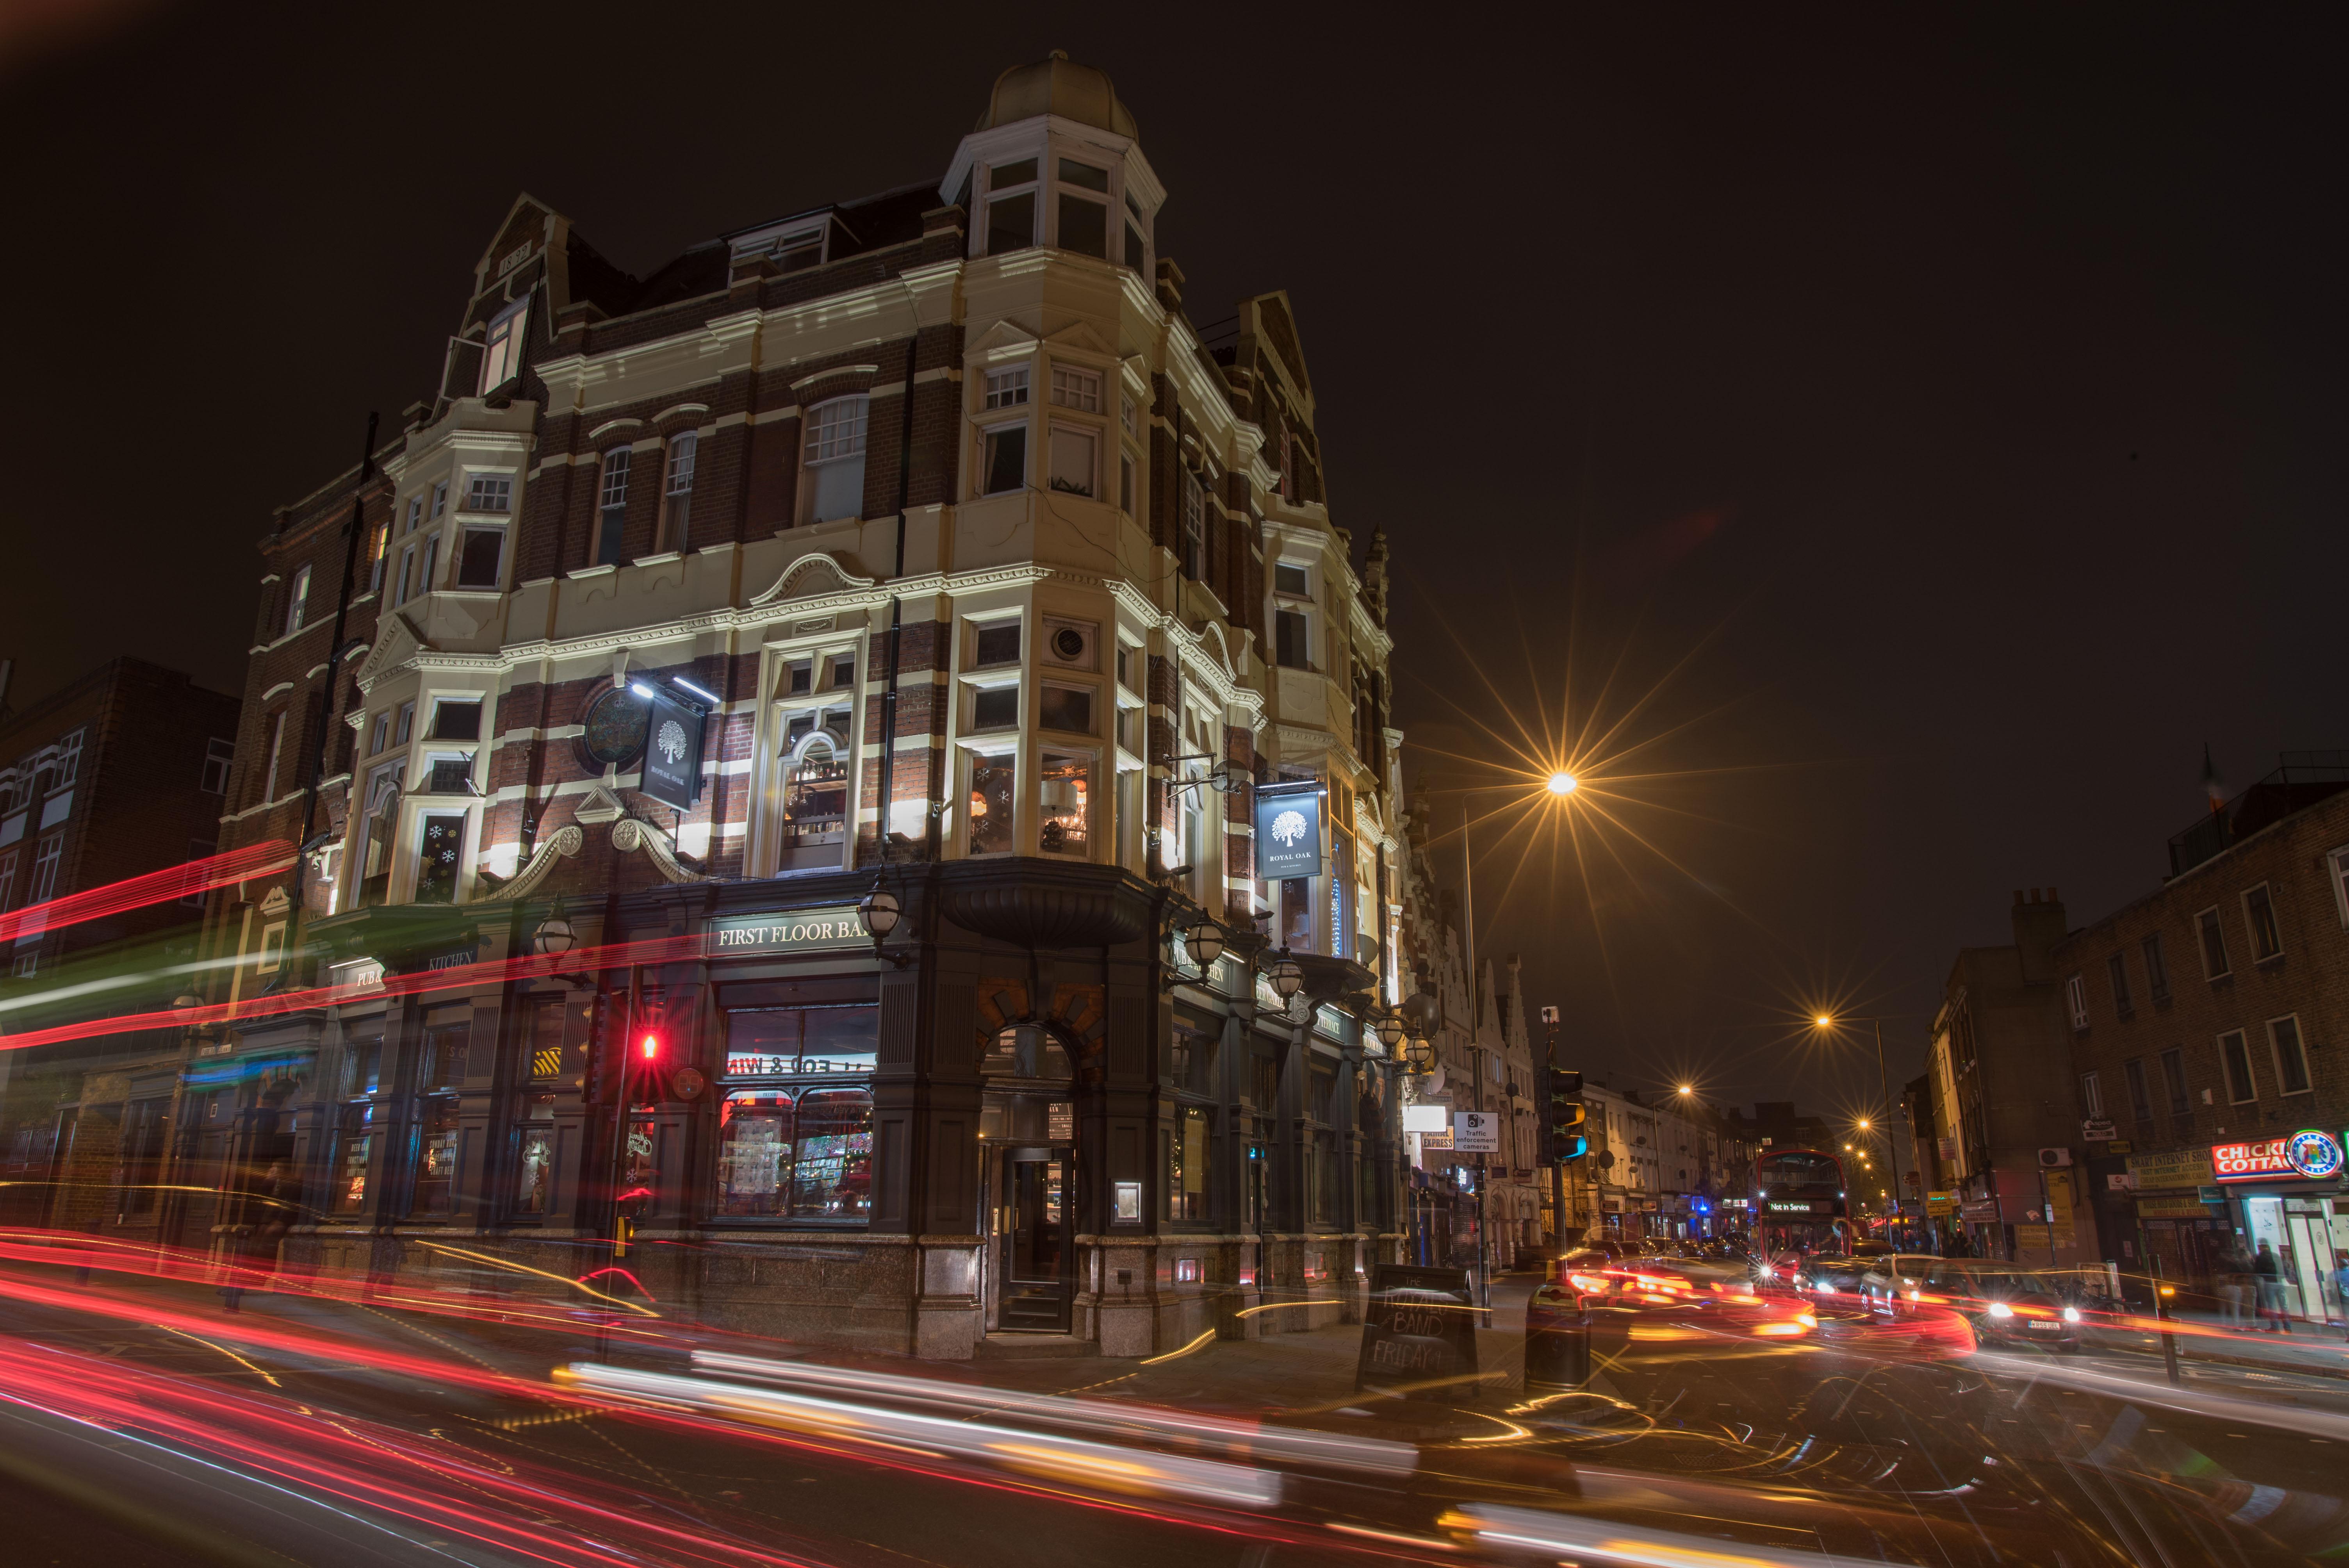 Royal Oak Willesden London Pub Reviews